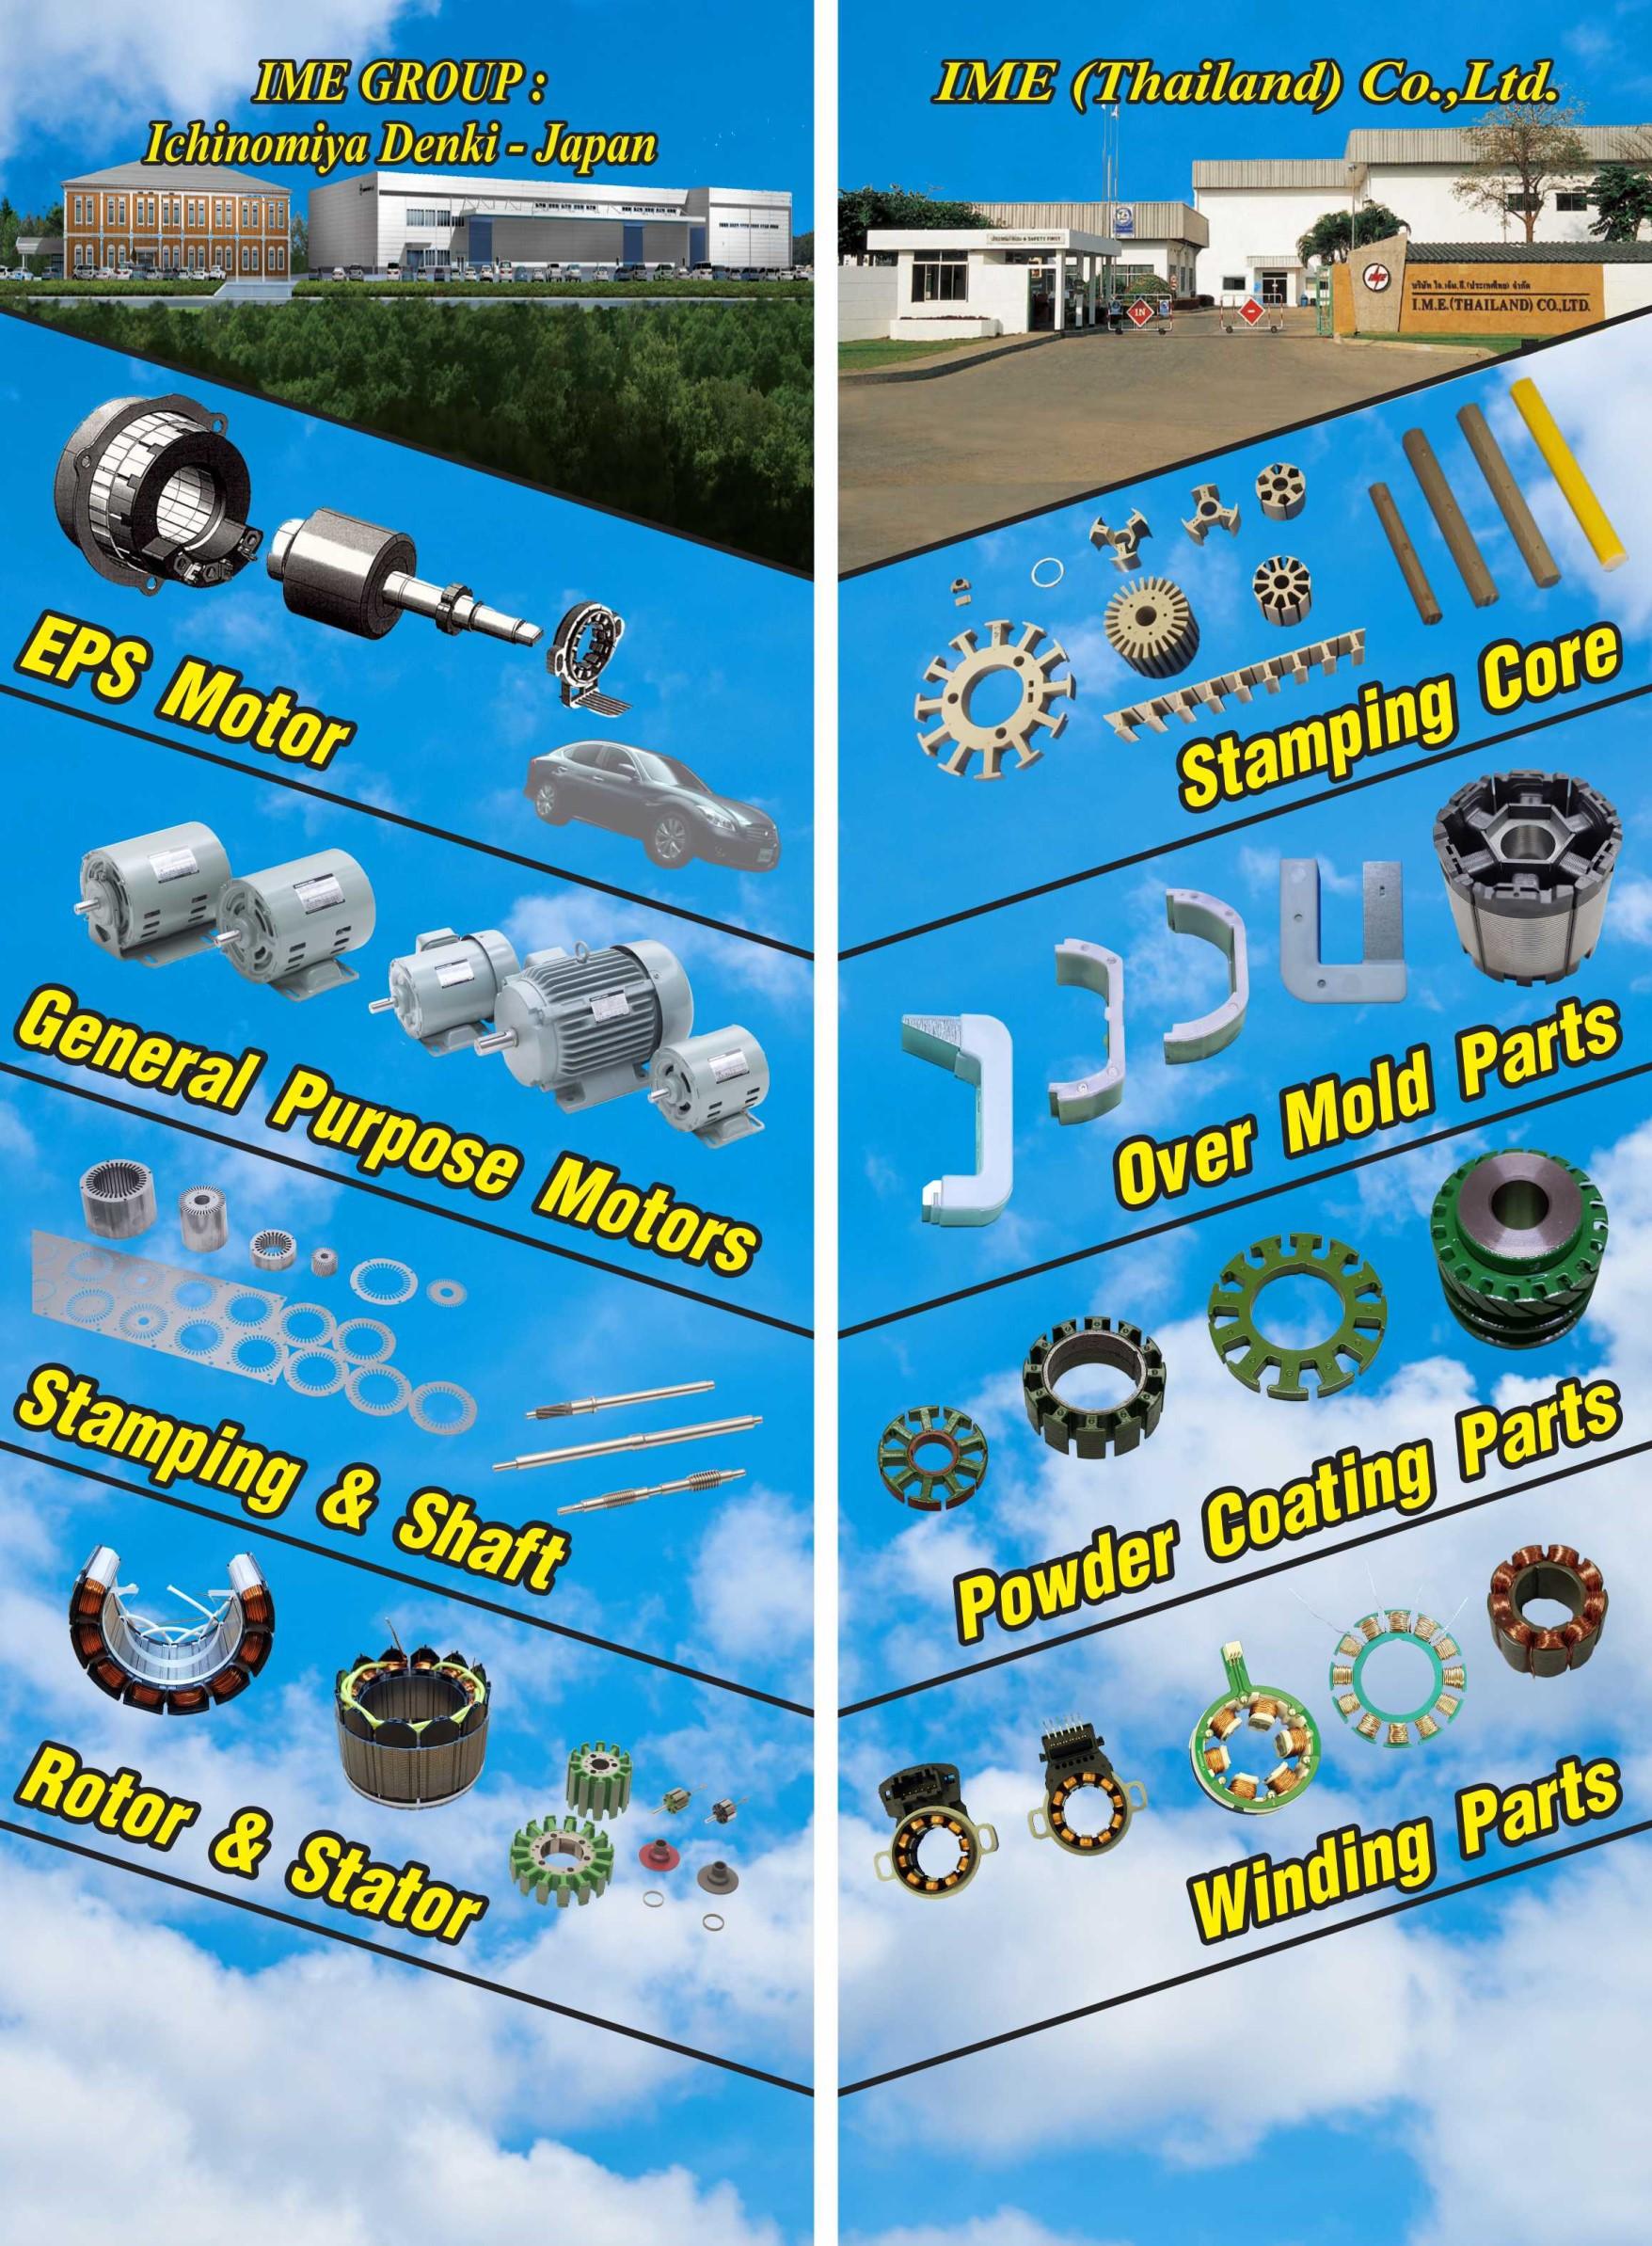 車載用やミシンなどに搭載されているレゾルバーセンサーの一貫生産にも対応可能であります。 モーターコアに関しましては 巻き線のみ、塗装のみ、積層スタンピングコアのみでの対応も可能であります。